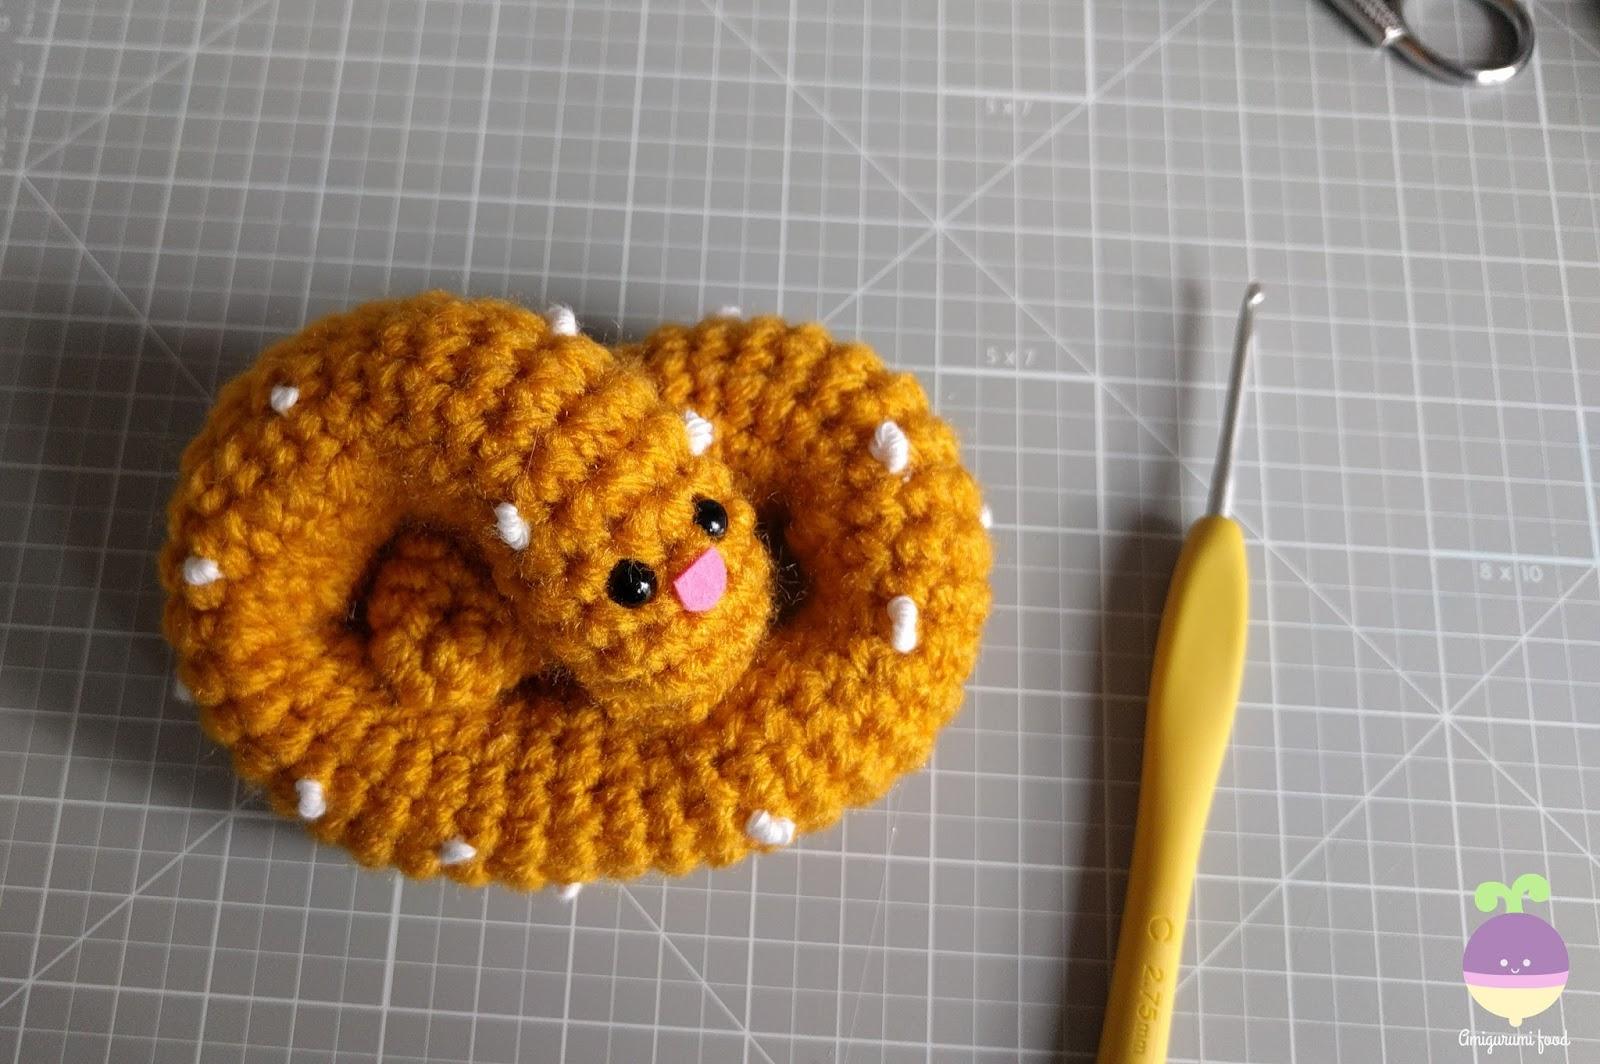 Amigurumi Crochet Food Patterns : Amigurumi Food: Pretzel Amigurumi Food Free Crochet Pattern